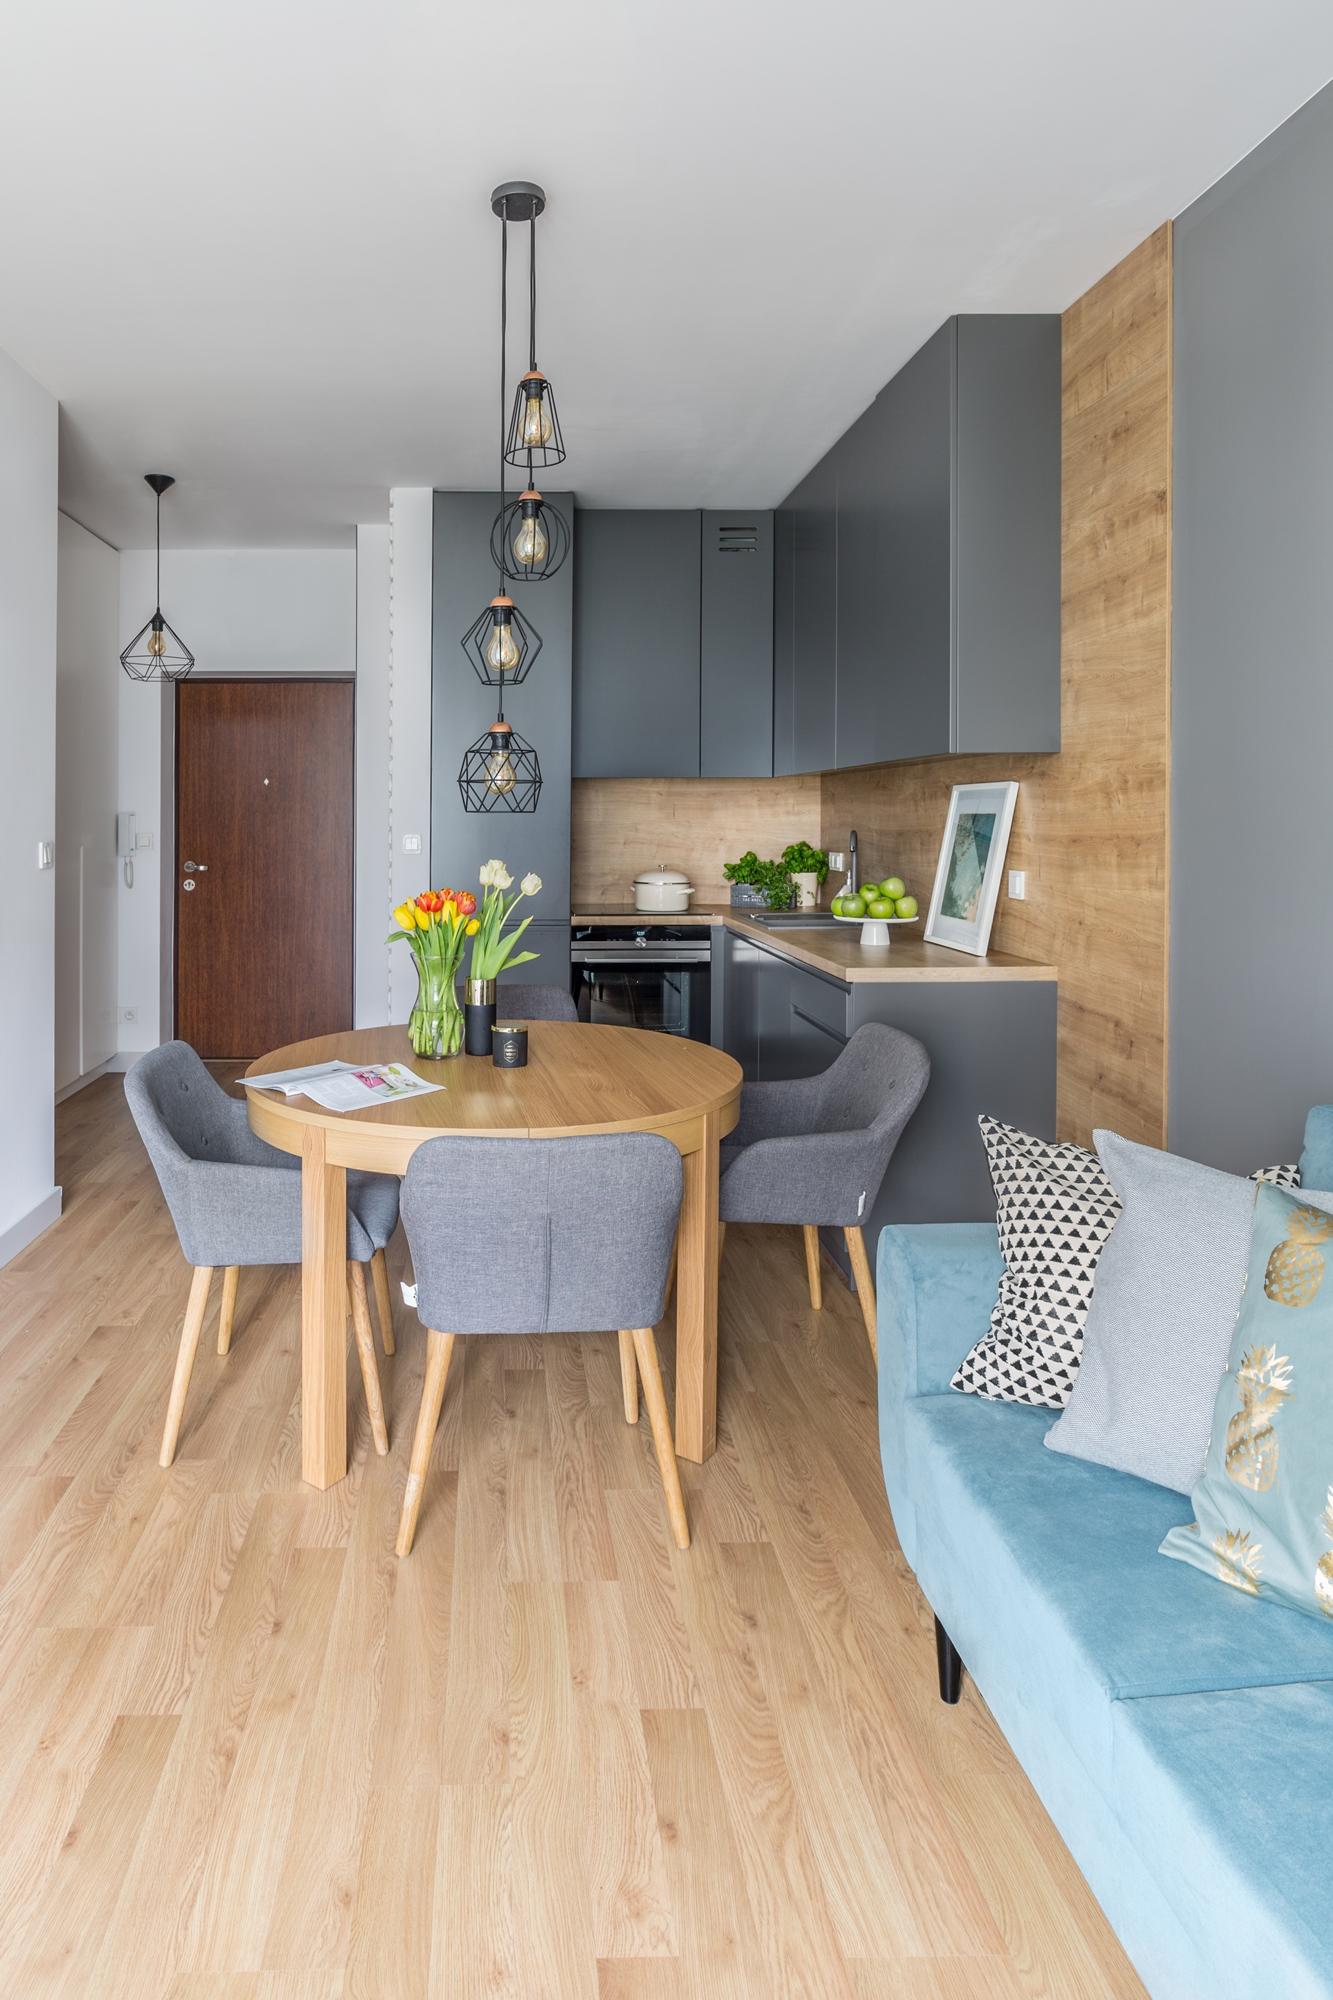 Małe przestrzenie: stylowe i kobiece mieszkanie o pow. 35 m ²